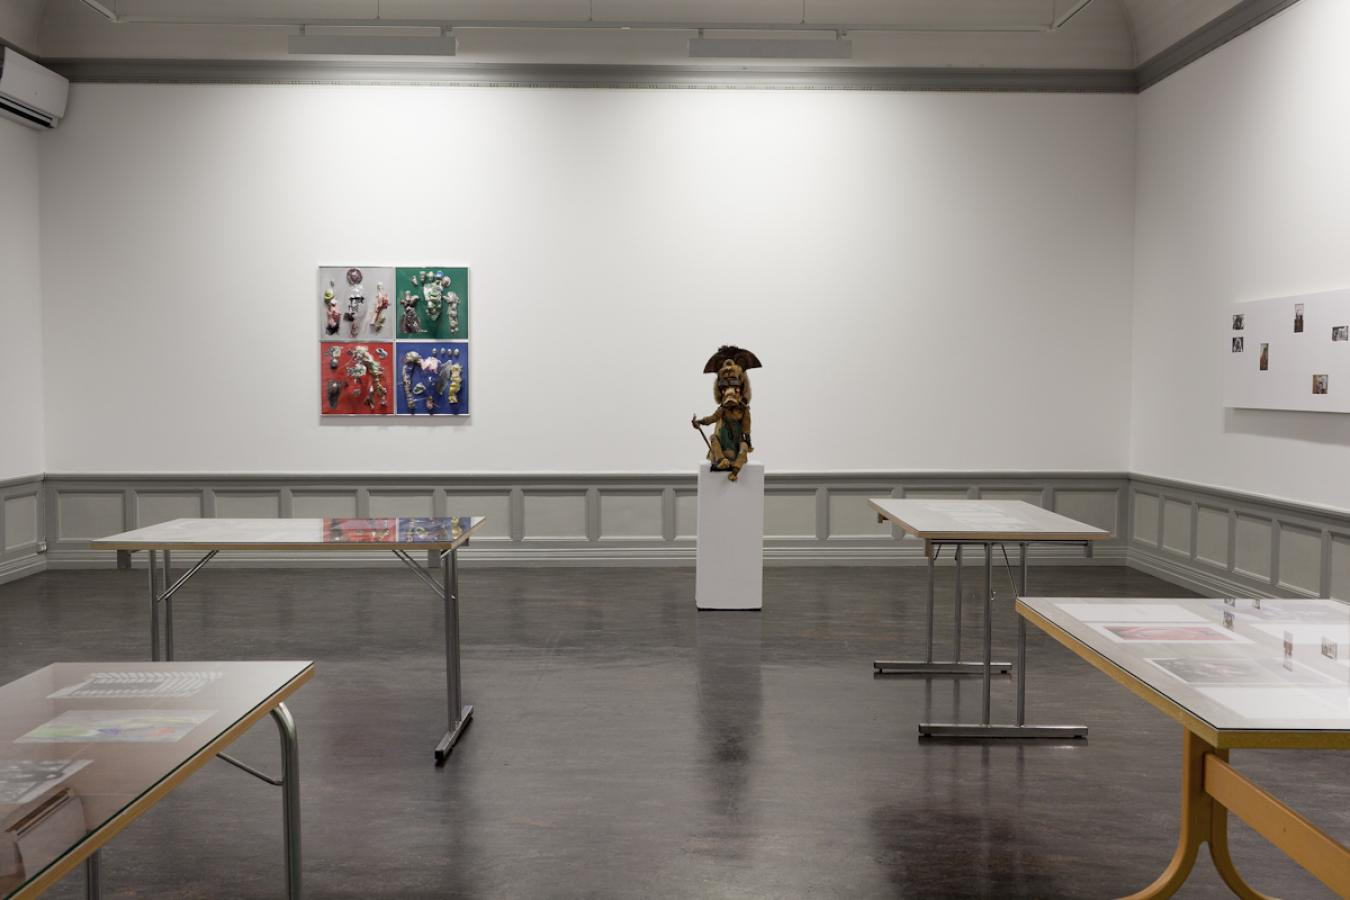 Kunsthall Stavanger